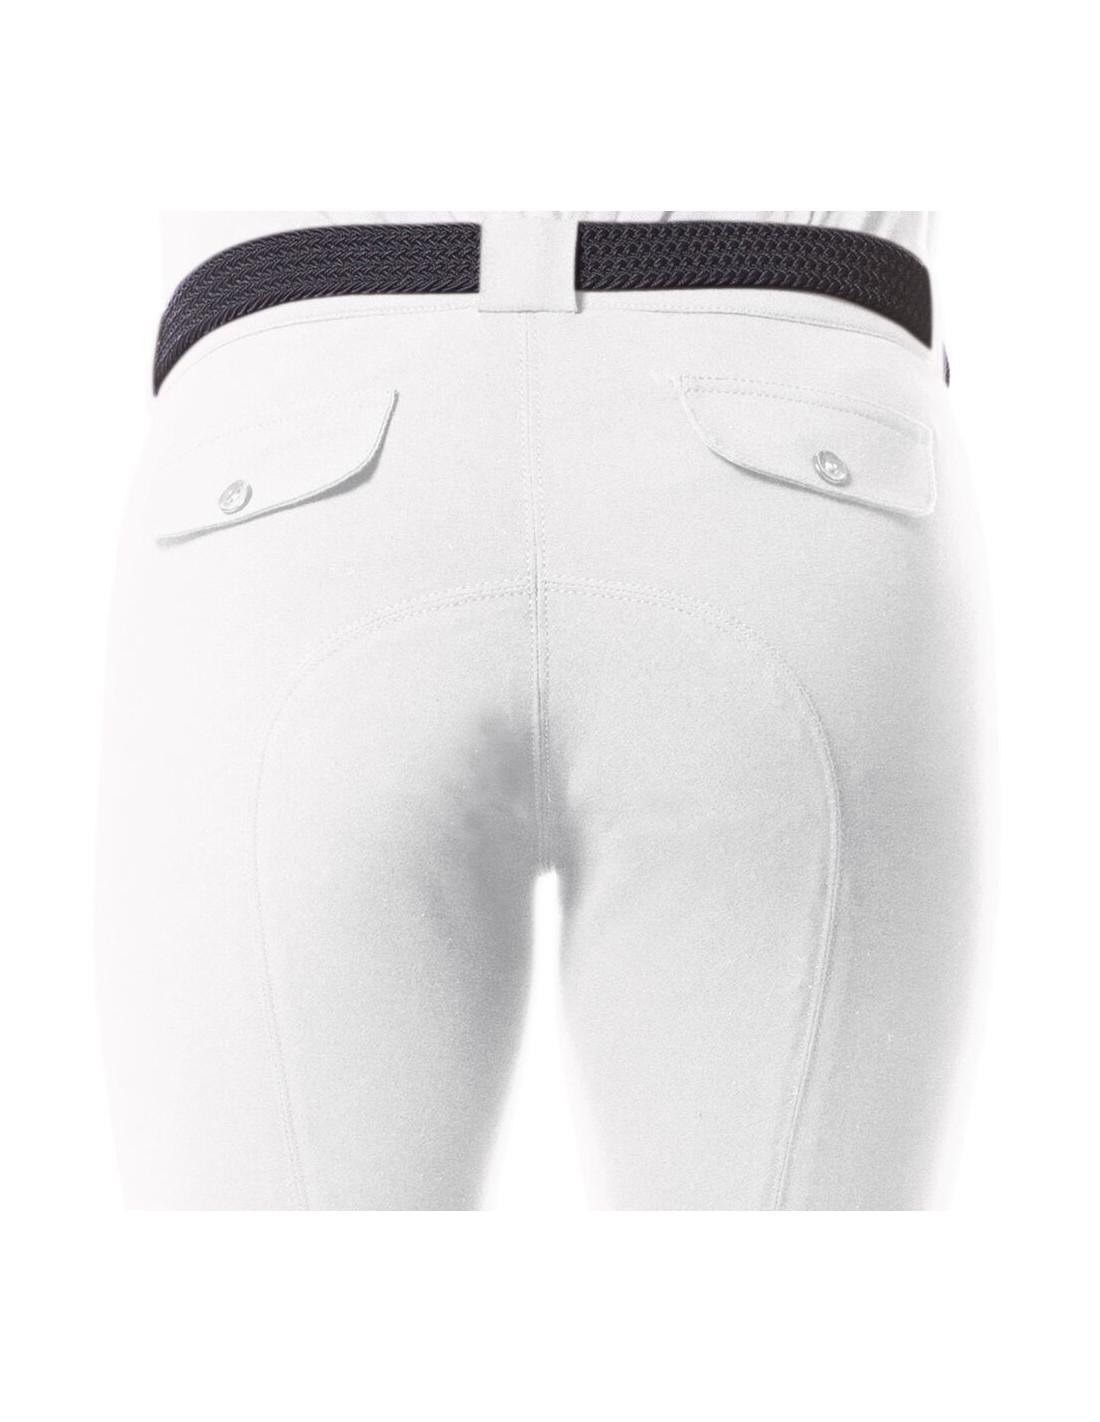 Equi West Cheval Droit Parence Comfort Pantalon Homme Fd7qTUHTWw